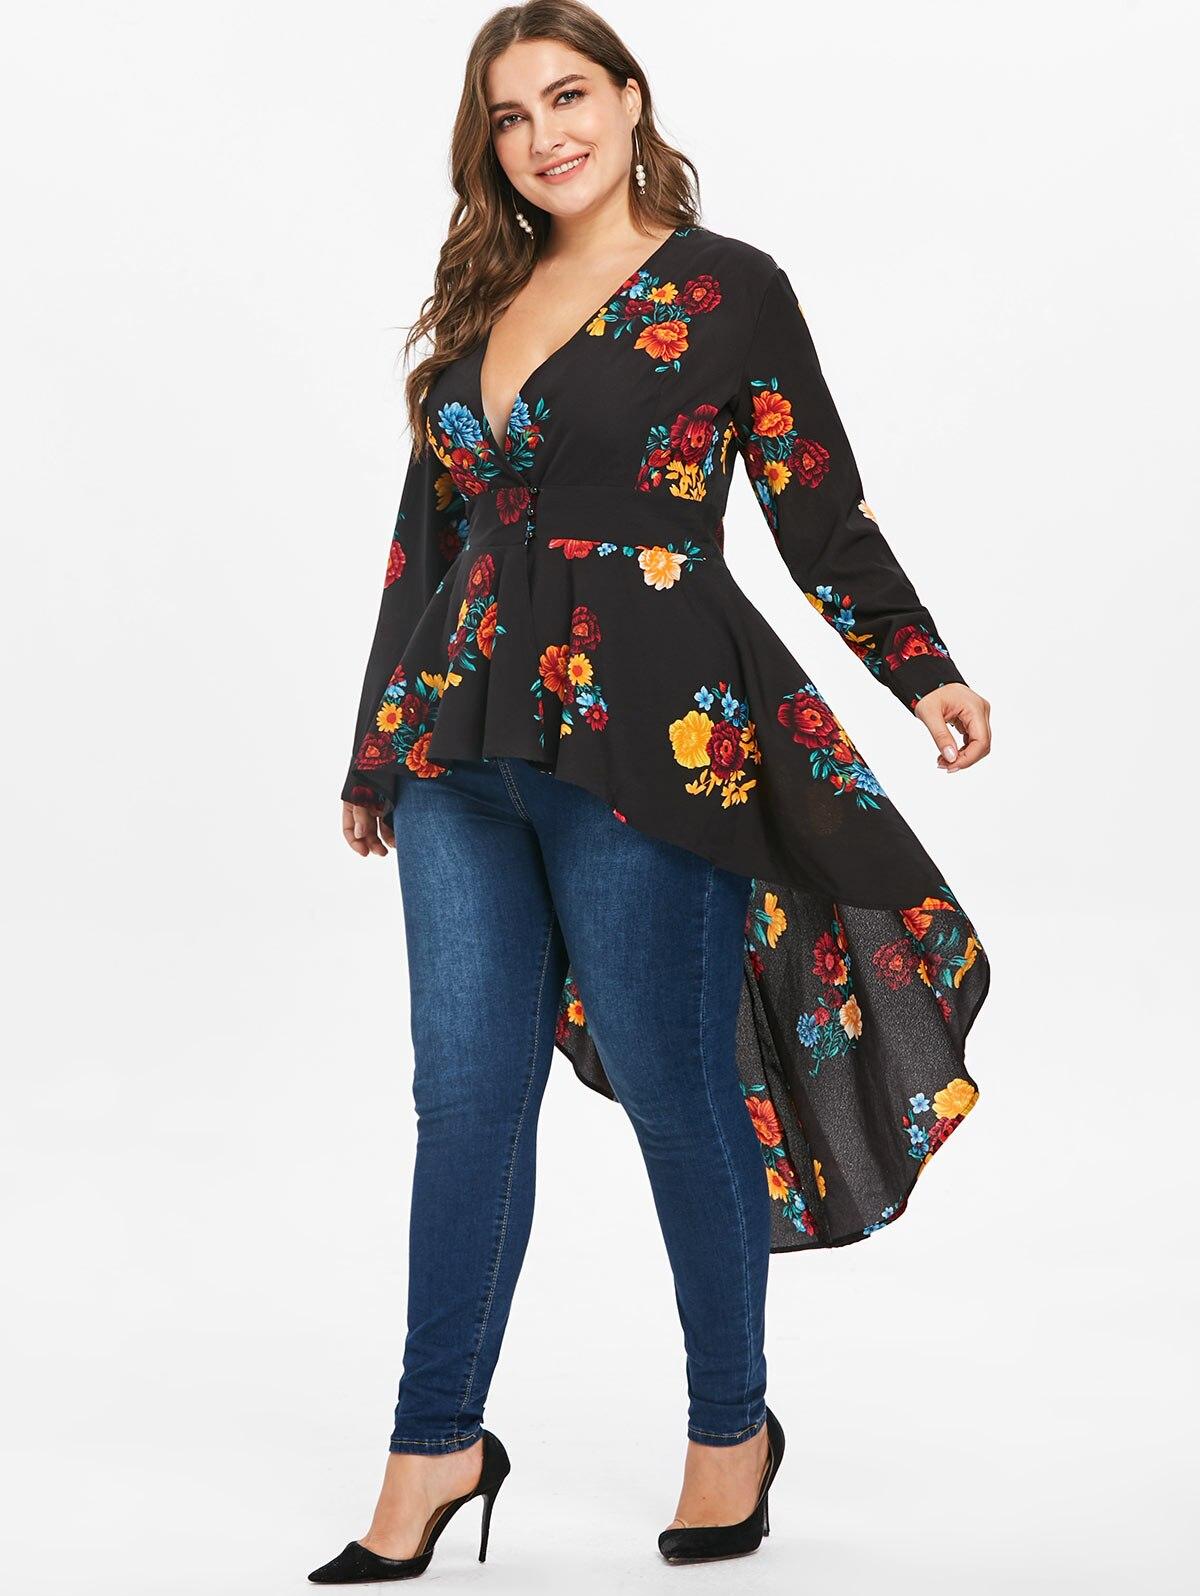 e17e9e6beeb24 AZULINA Plus Size Sexy V Neck High Low Floral Maxi Blouse Autumn Long  Sleeve Asymmetrical Blouses Casual Shirt Women Tops Blusas